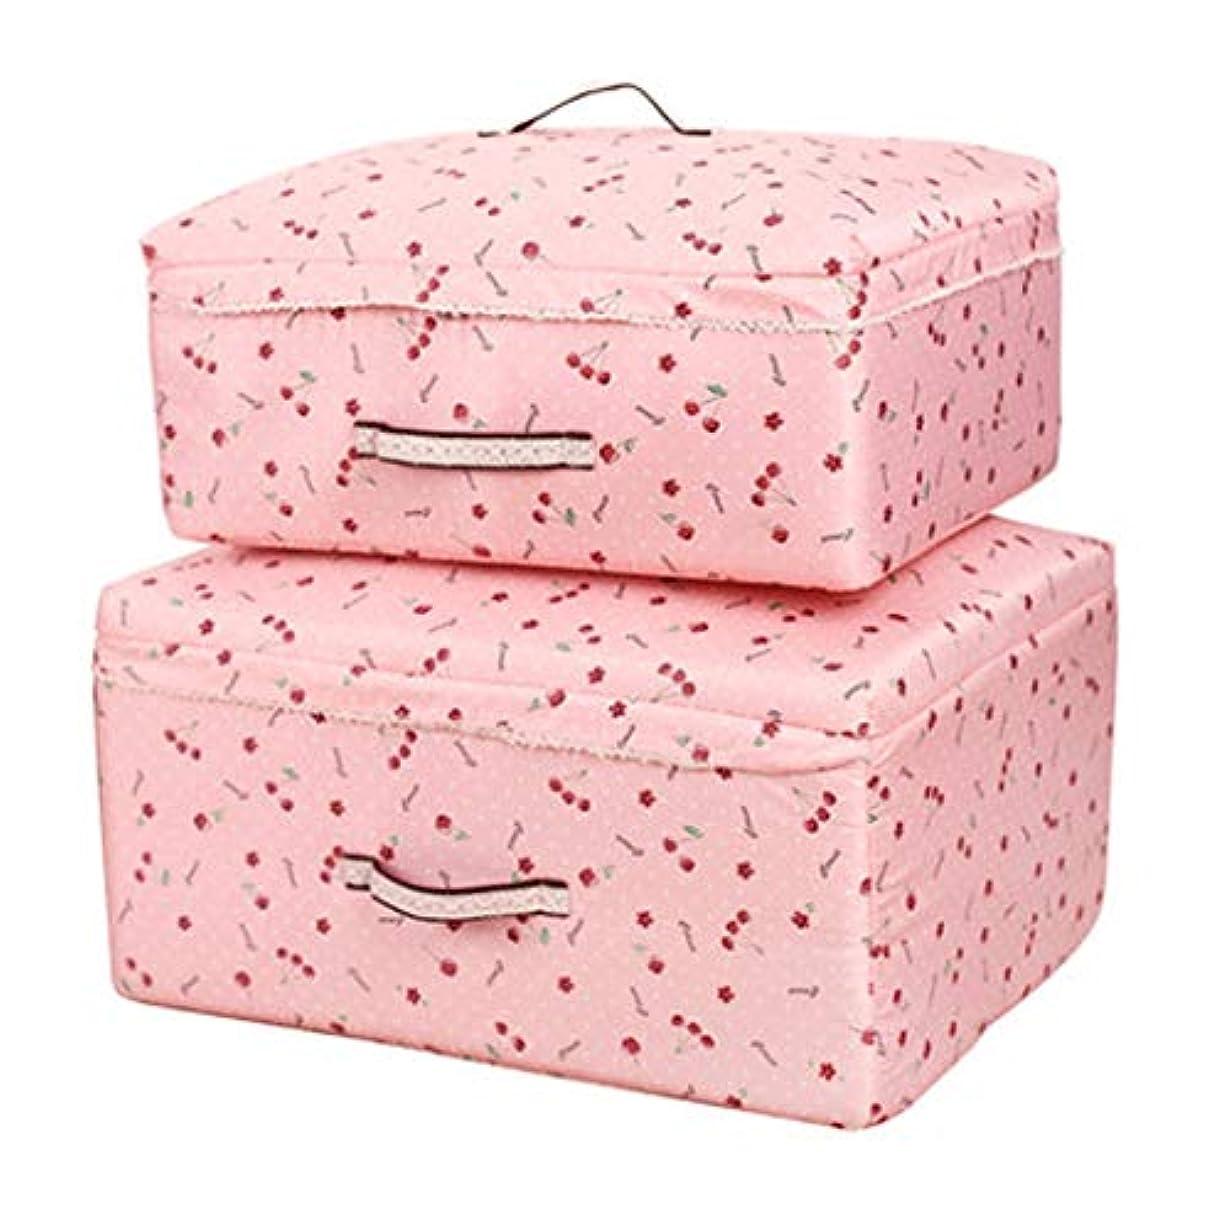 前文耕す秘密の防湿キルト収納袋衣類分類袋家庭用収納包装袋荷物パッケージ大収納袋折りたたみ収納袋 (色 : Cherry powder, サイズ さいず : XL+XXL)